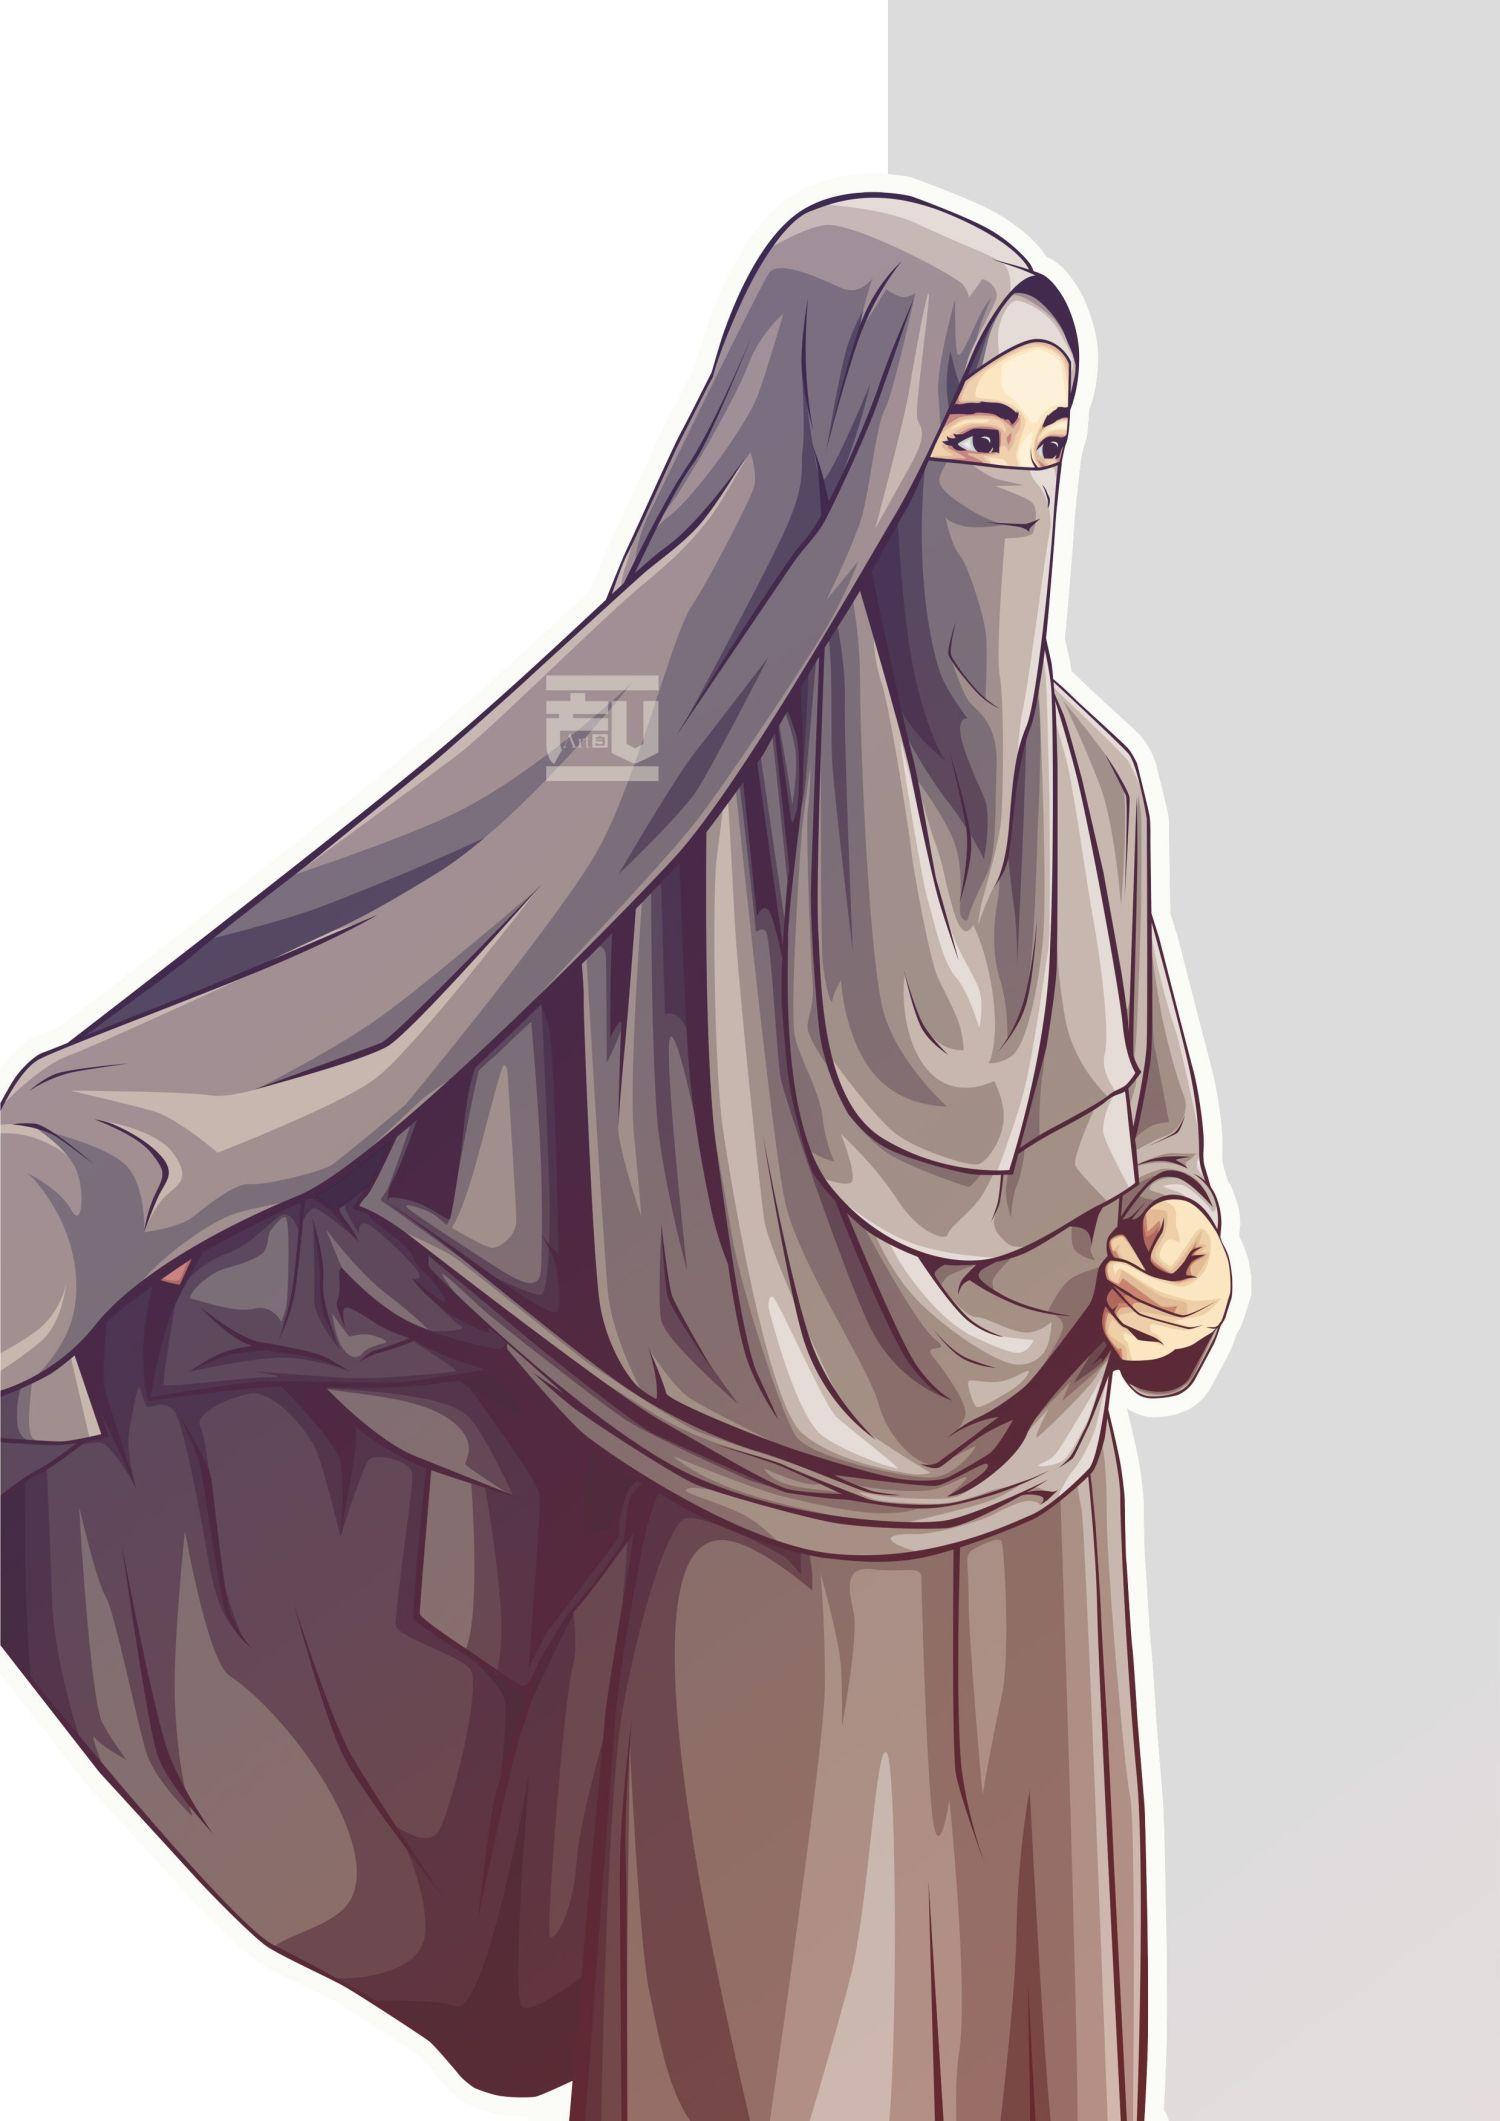 75 Gambar Kartun Muslimah Cantik Dan Imut Bercadar Sholehah Lucu Di 2020 Kartun Gambar Wanita